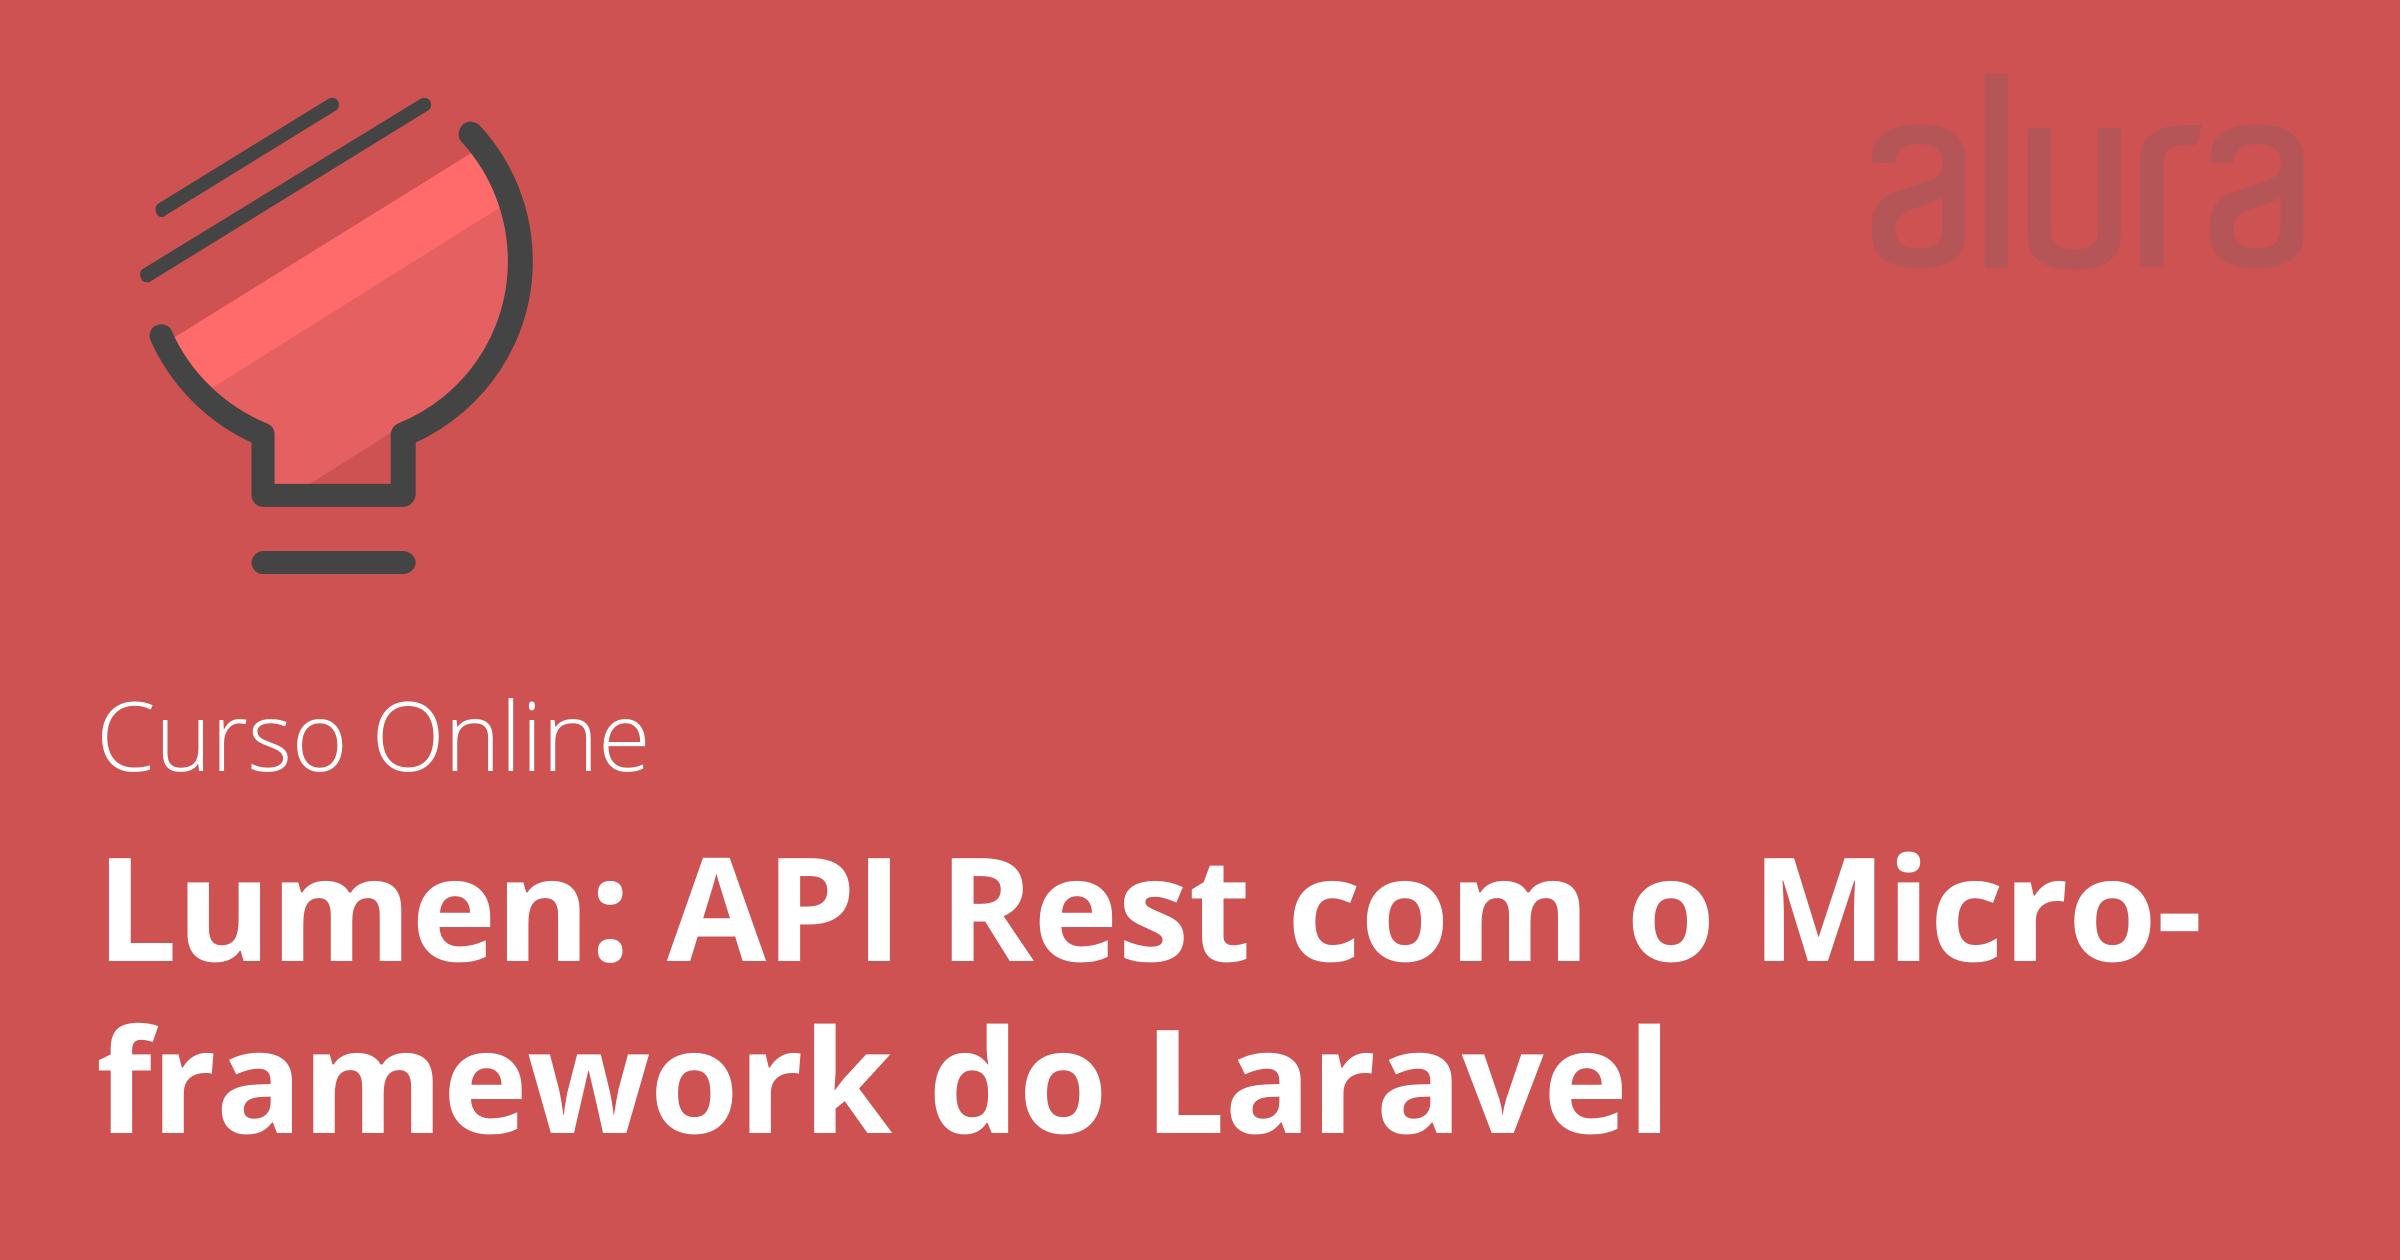 Curso de Lumen: API Rest com o Micro-framework do Laravel